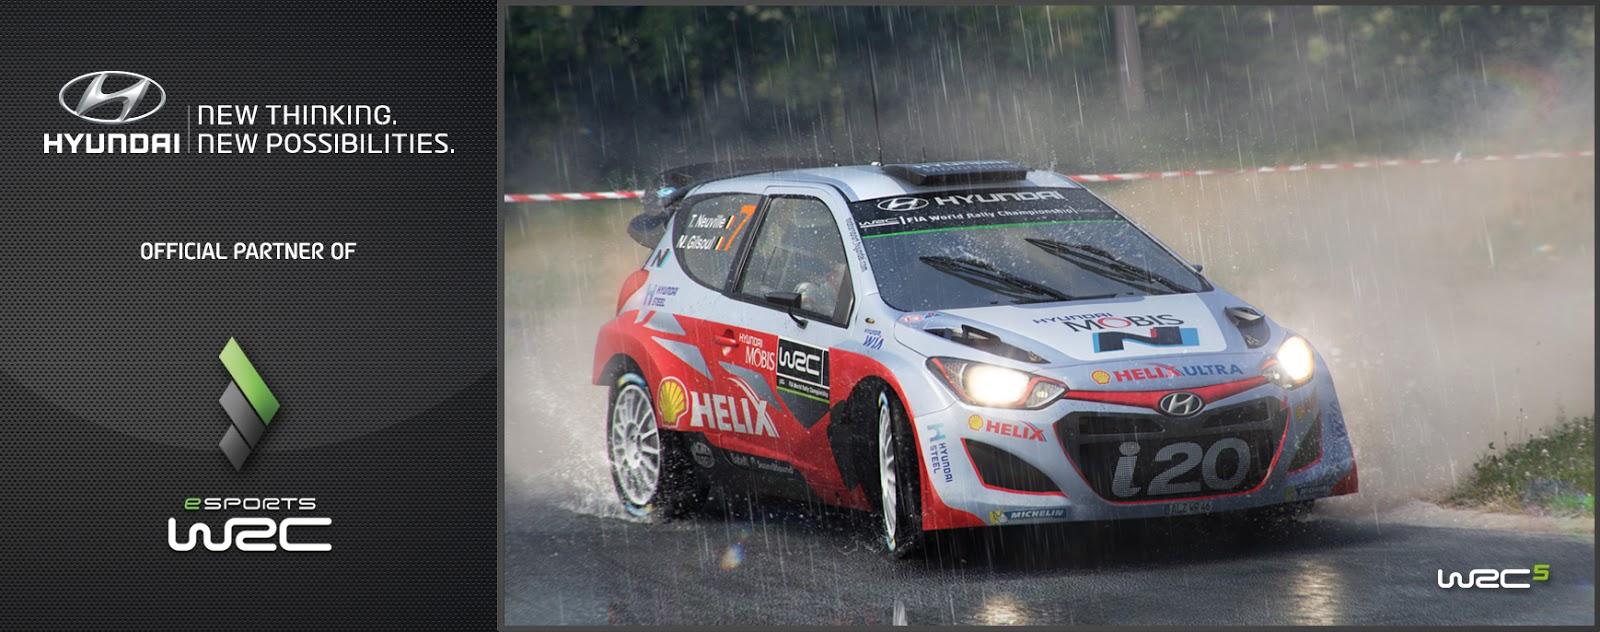 eSportsWRC Hyundai announcement picture Ο νικητής του eSports WRC θα κερδίσει ένα αυτοκίνητο Hyundai i20! Game, Hyundai, Τεχνολογία